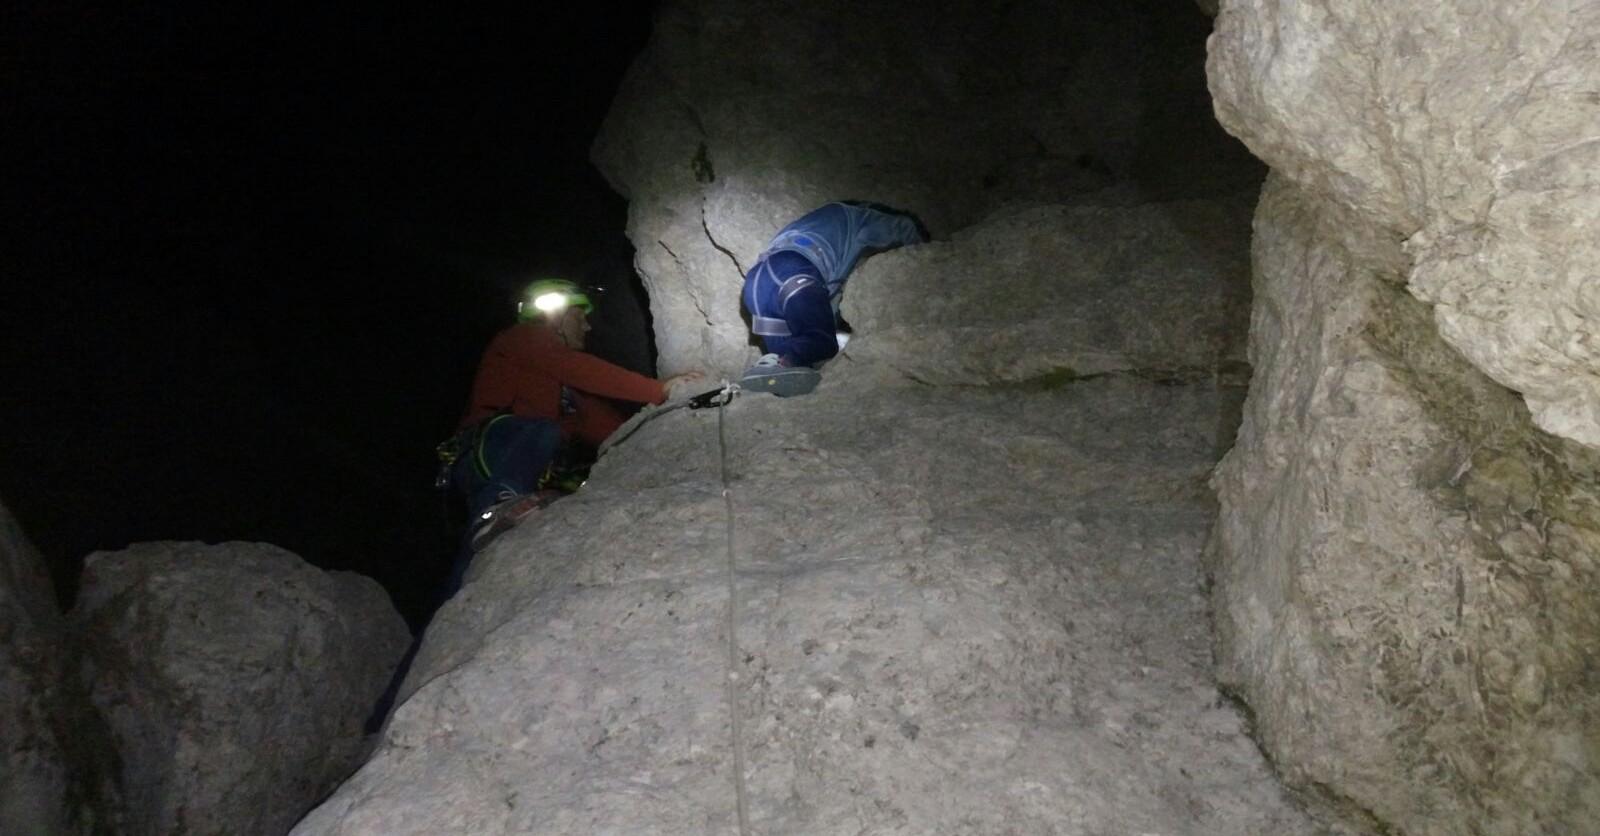 Escursionisti recuperati